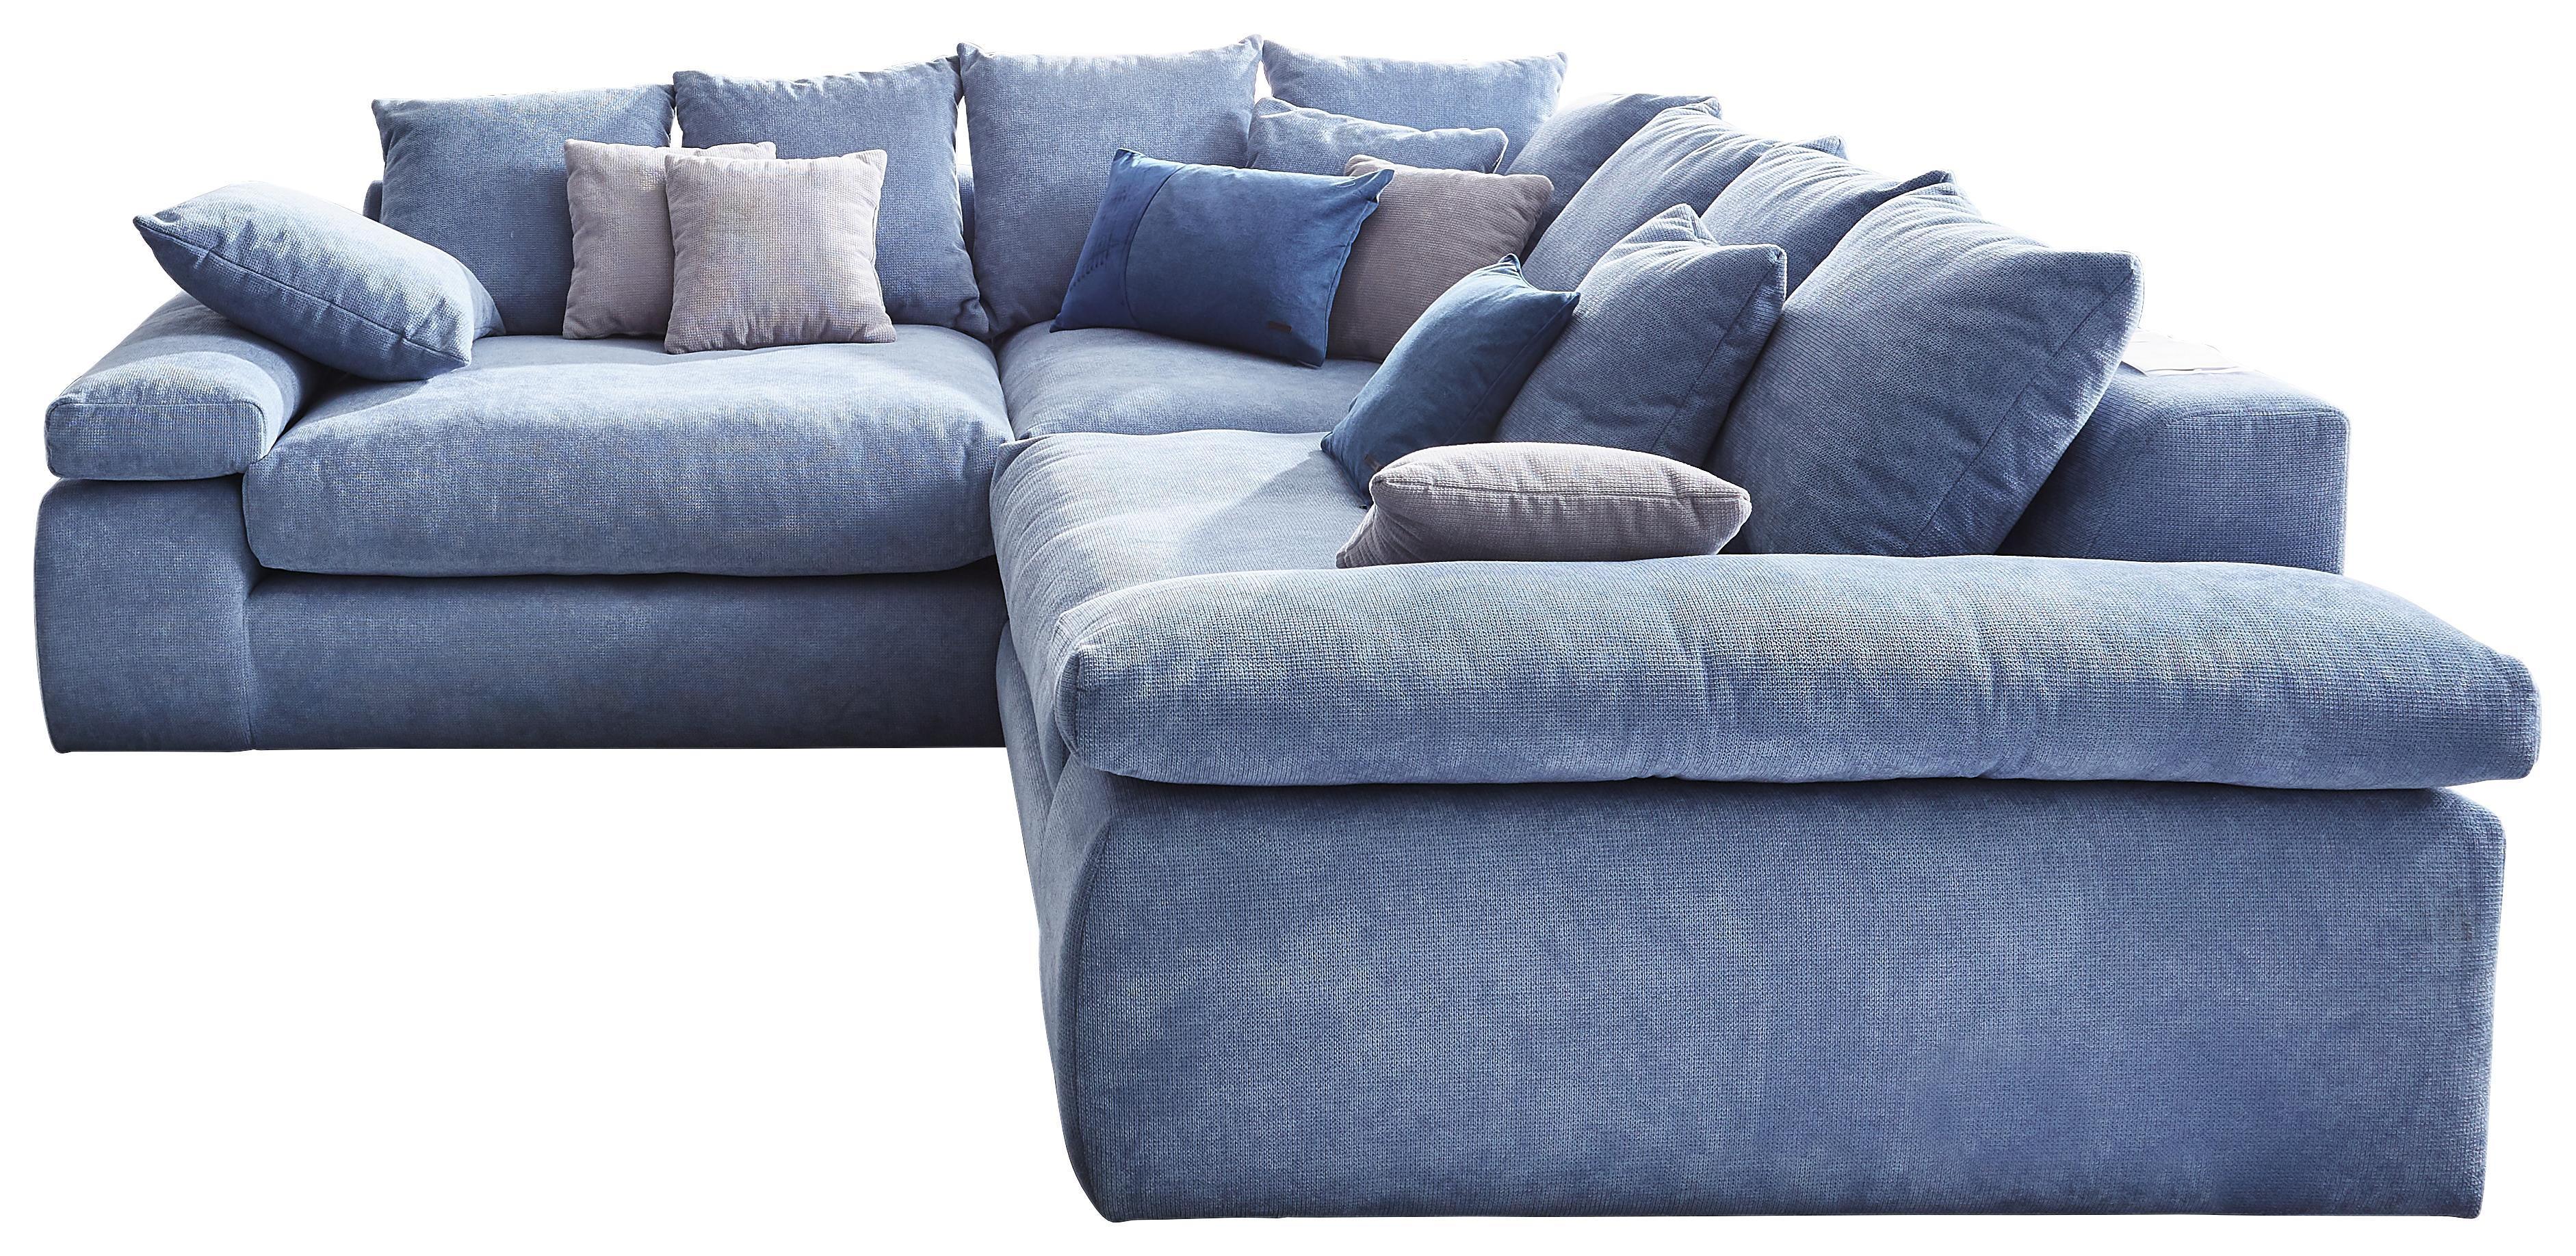 Graues Sofa Blaue Kissen Caseconrad Com